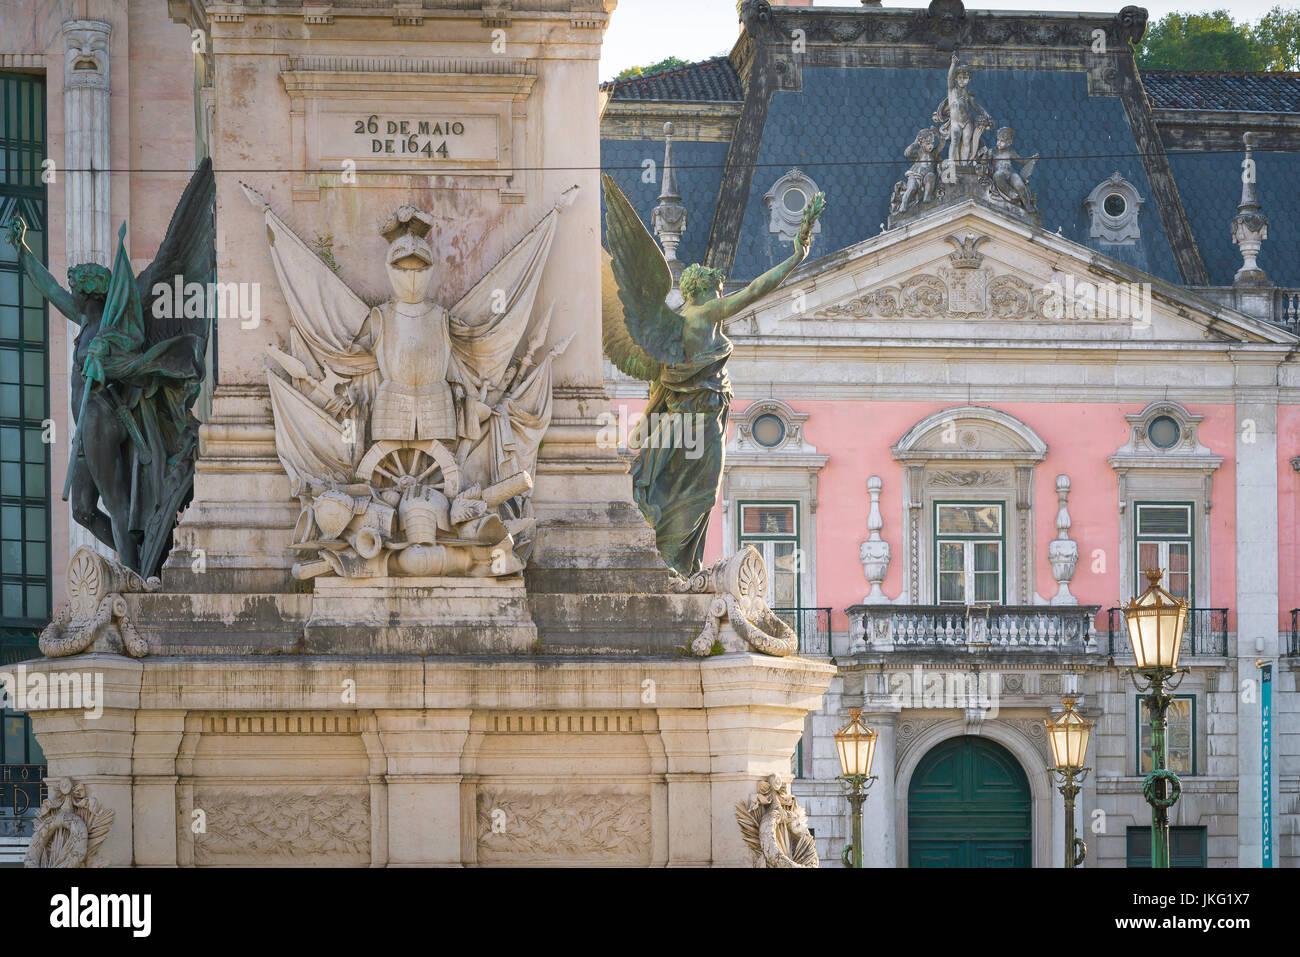 Lisbona Restauradores, dettaglio del Monumento dos Restauradores in piazza Restauradores con il Palacio Foz in background, Immagini Stock